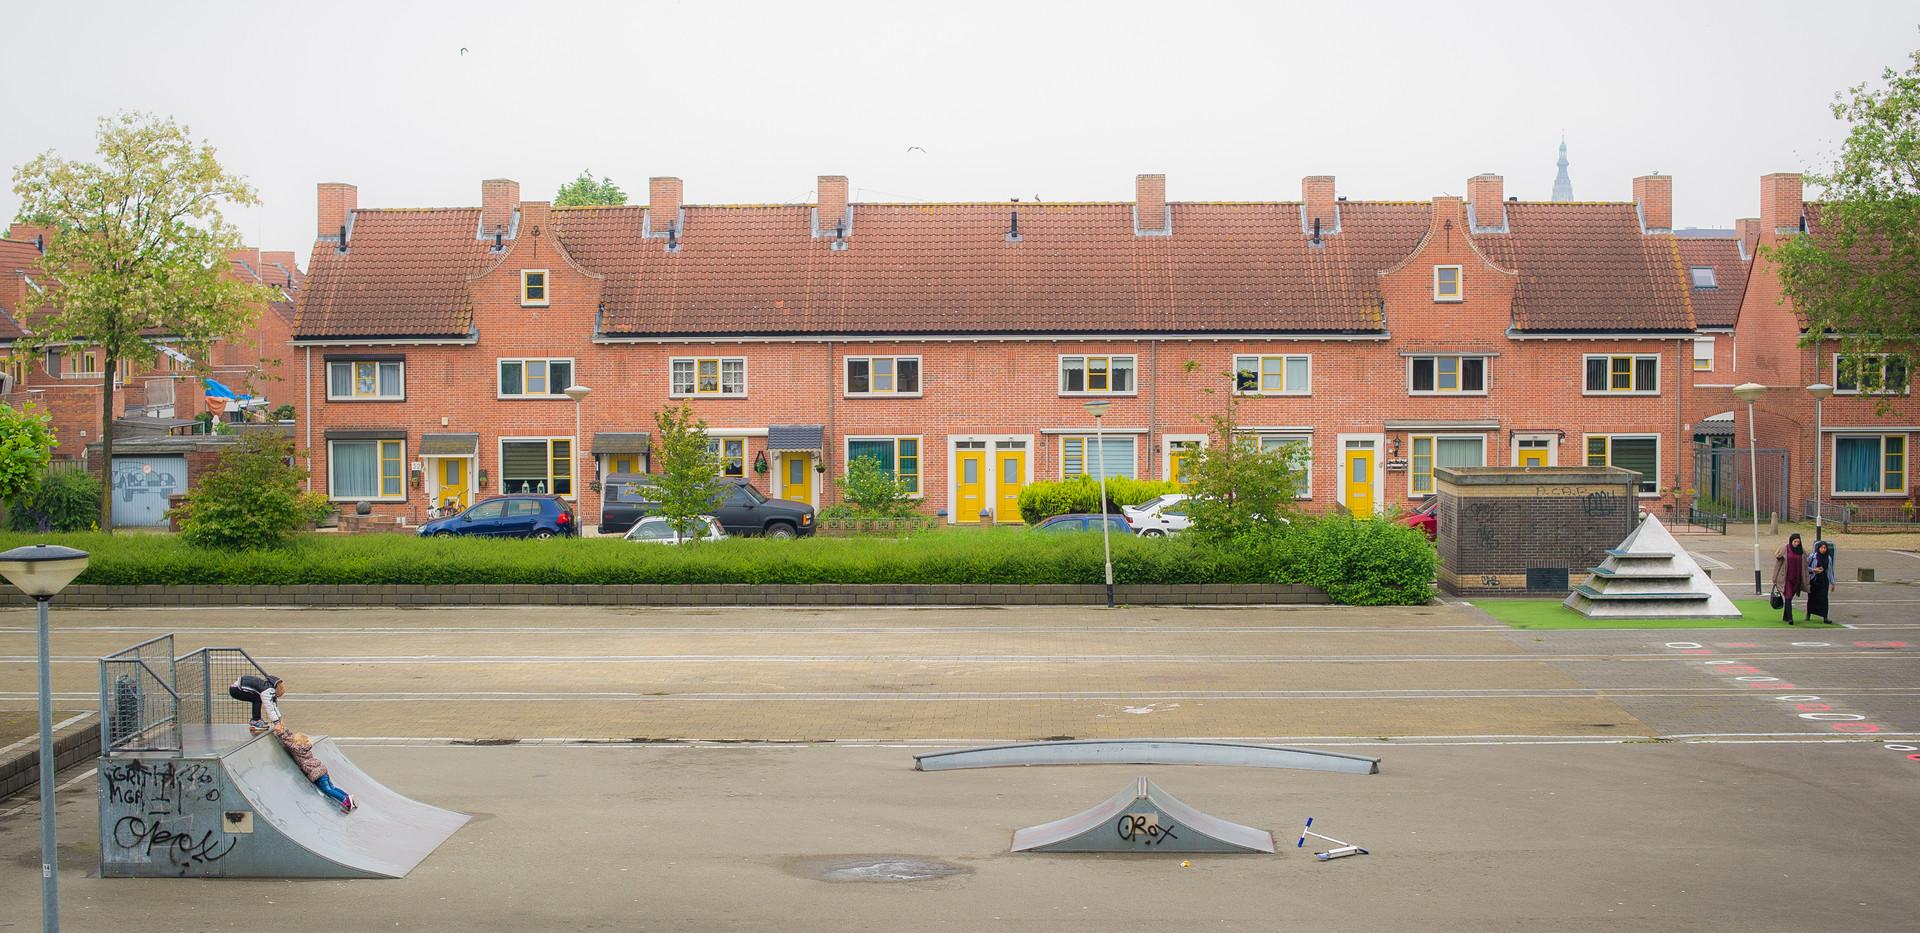 Typisch Tuinzigt Carrousel 4.jpg